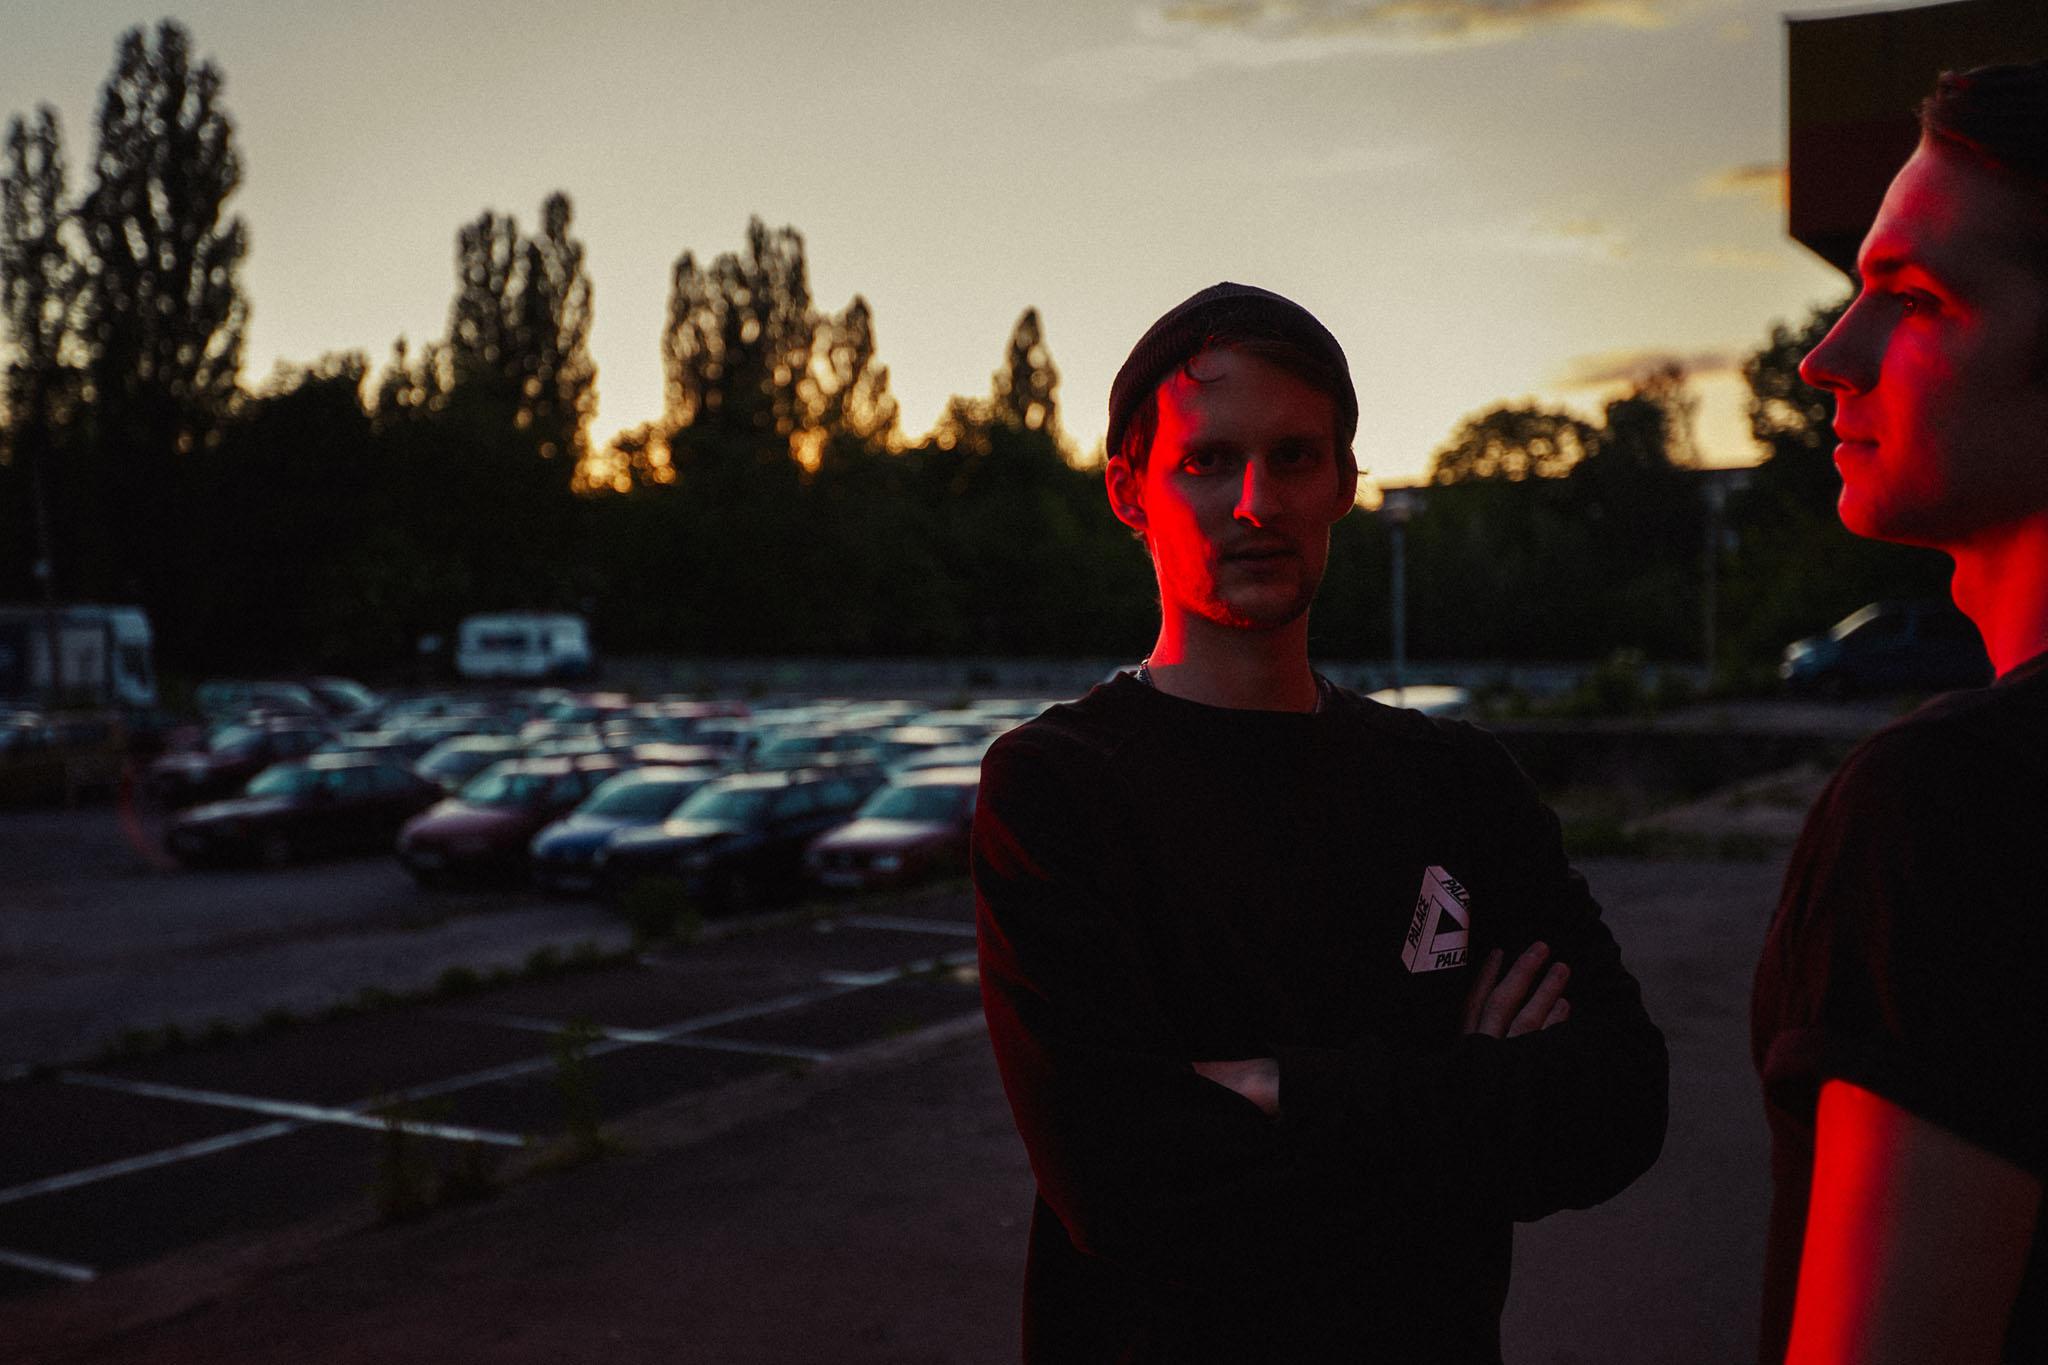 negativ uk bass garage grime bass dnb drum'n'bass polska poland